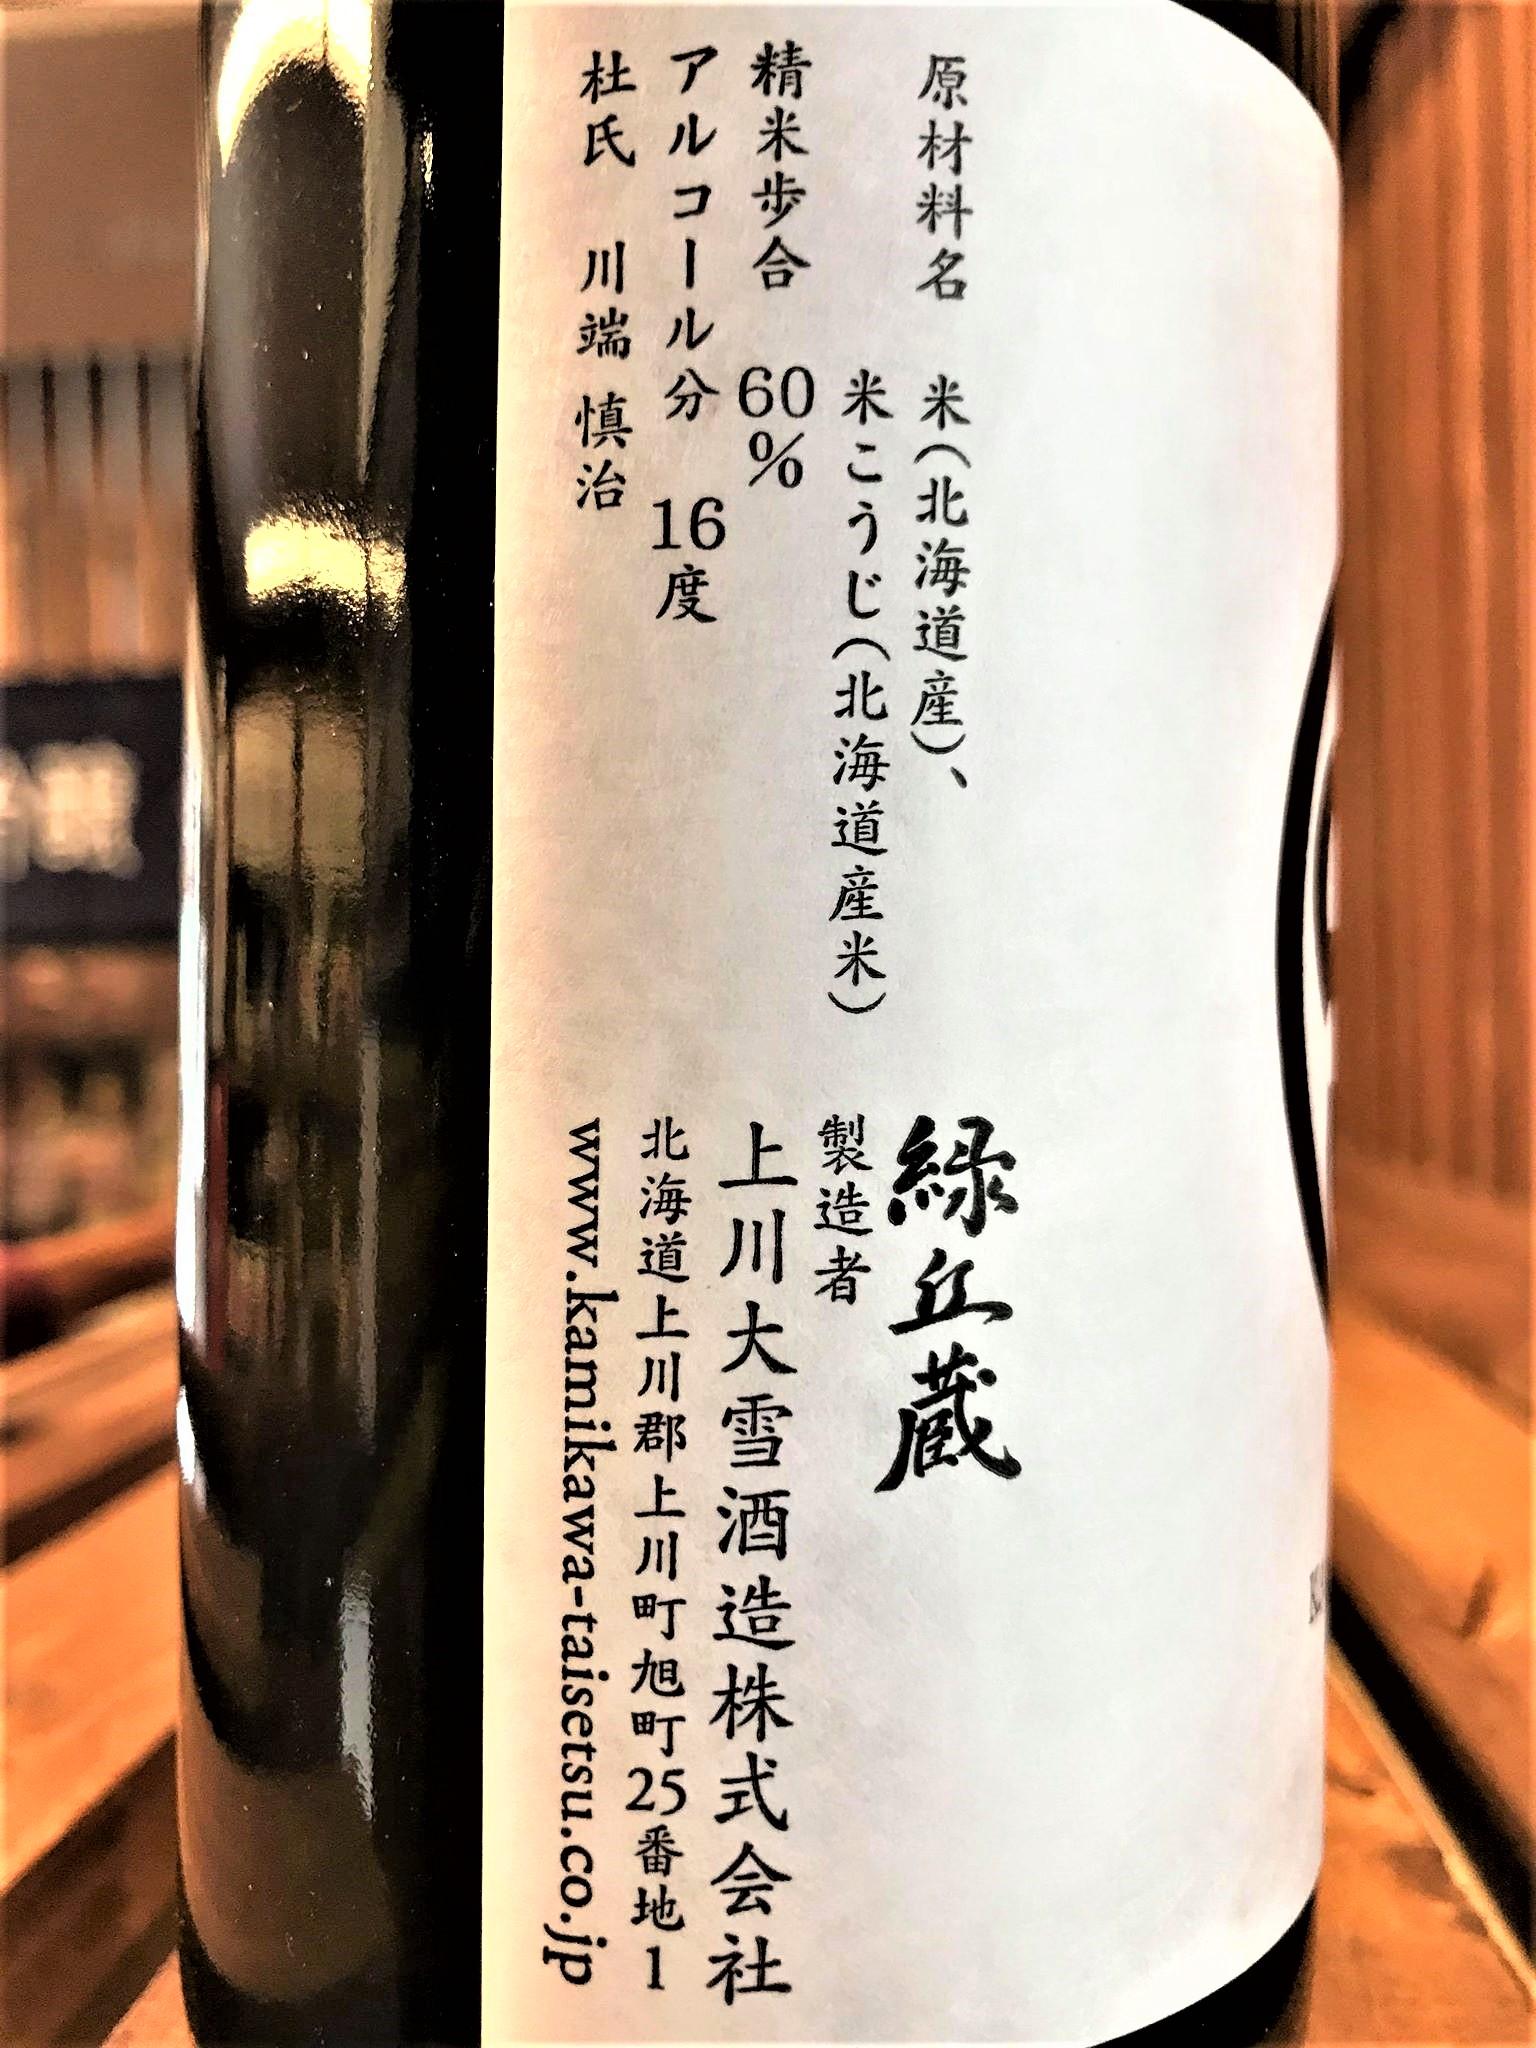 【日本酒】上川大雪 新酒しぼりたて 特別純米 無濾過生原酒 きたしずく仕込み 限定 新酒令和1BY🆕_e0173738_20333115.jpg